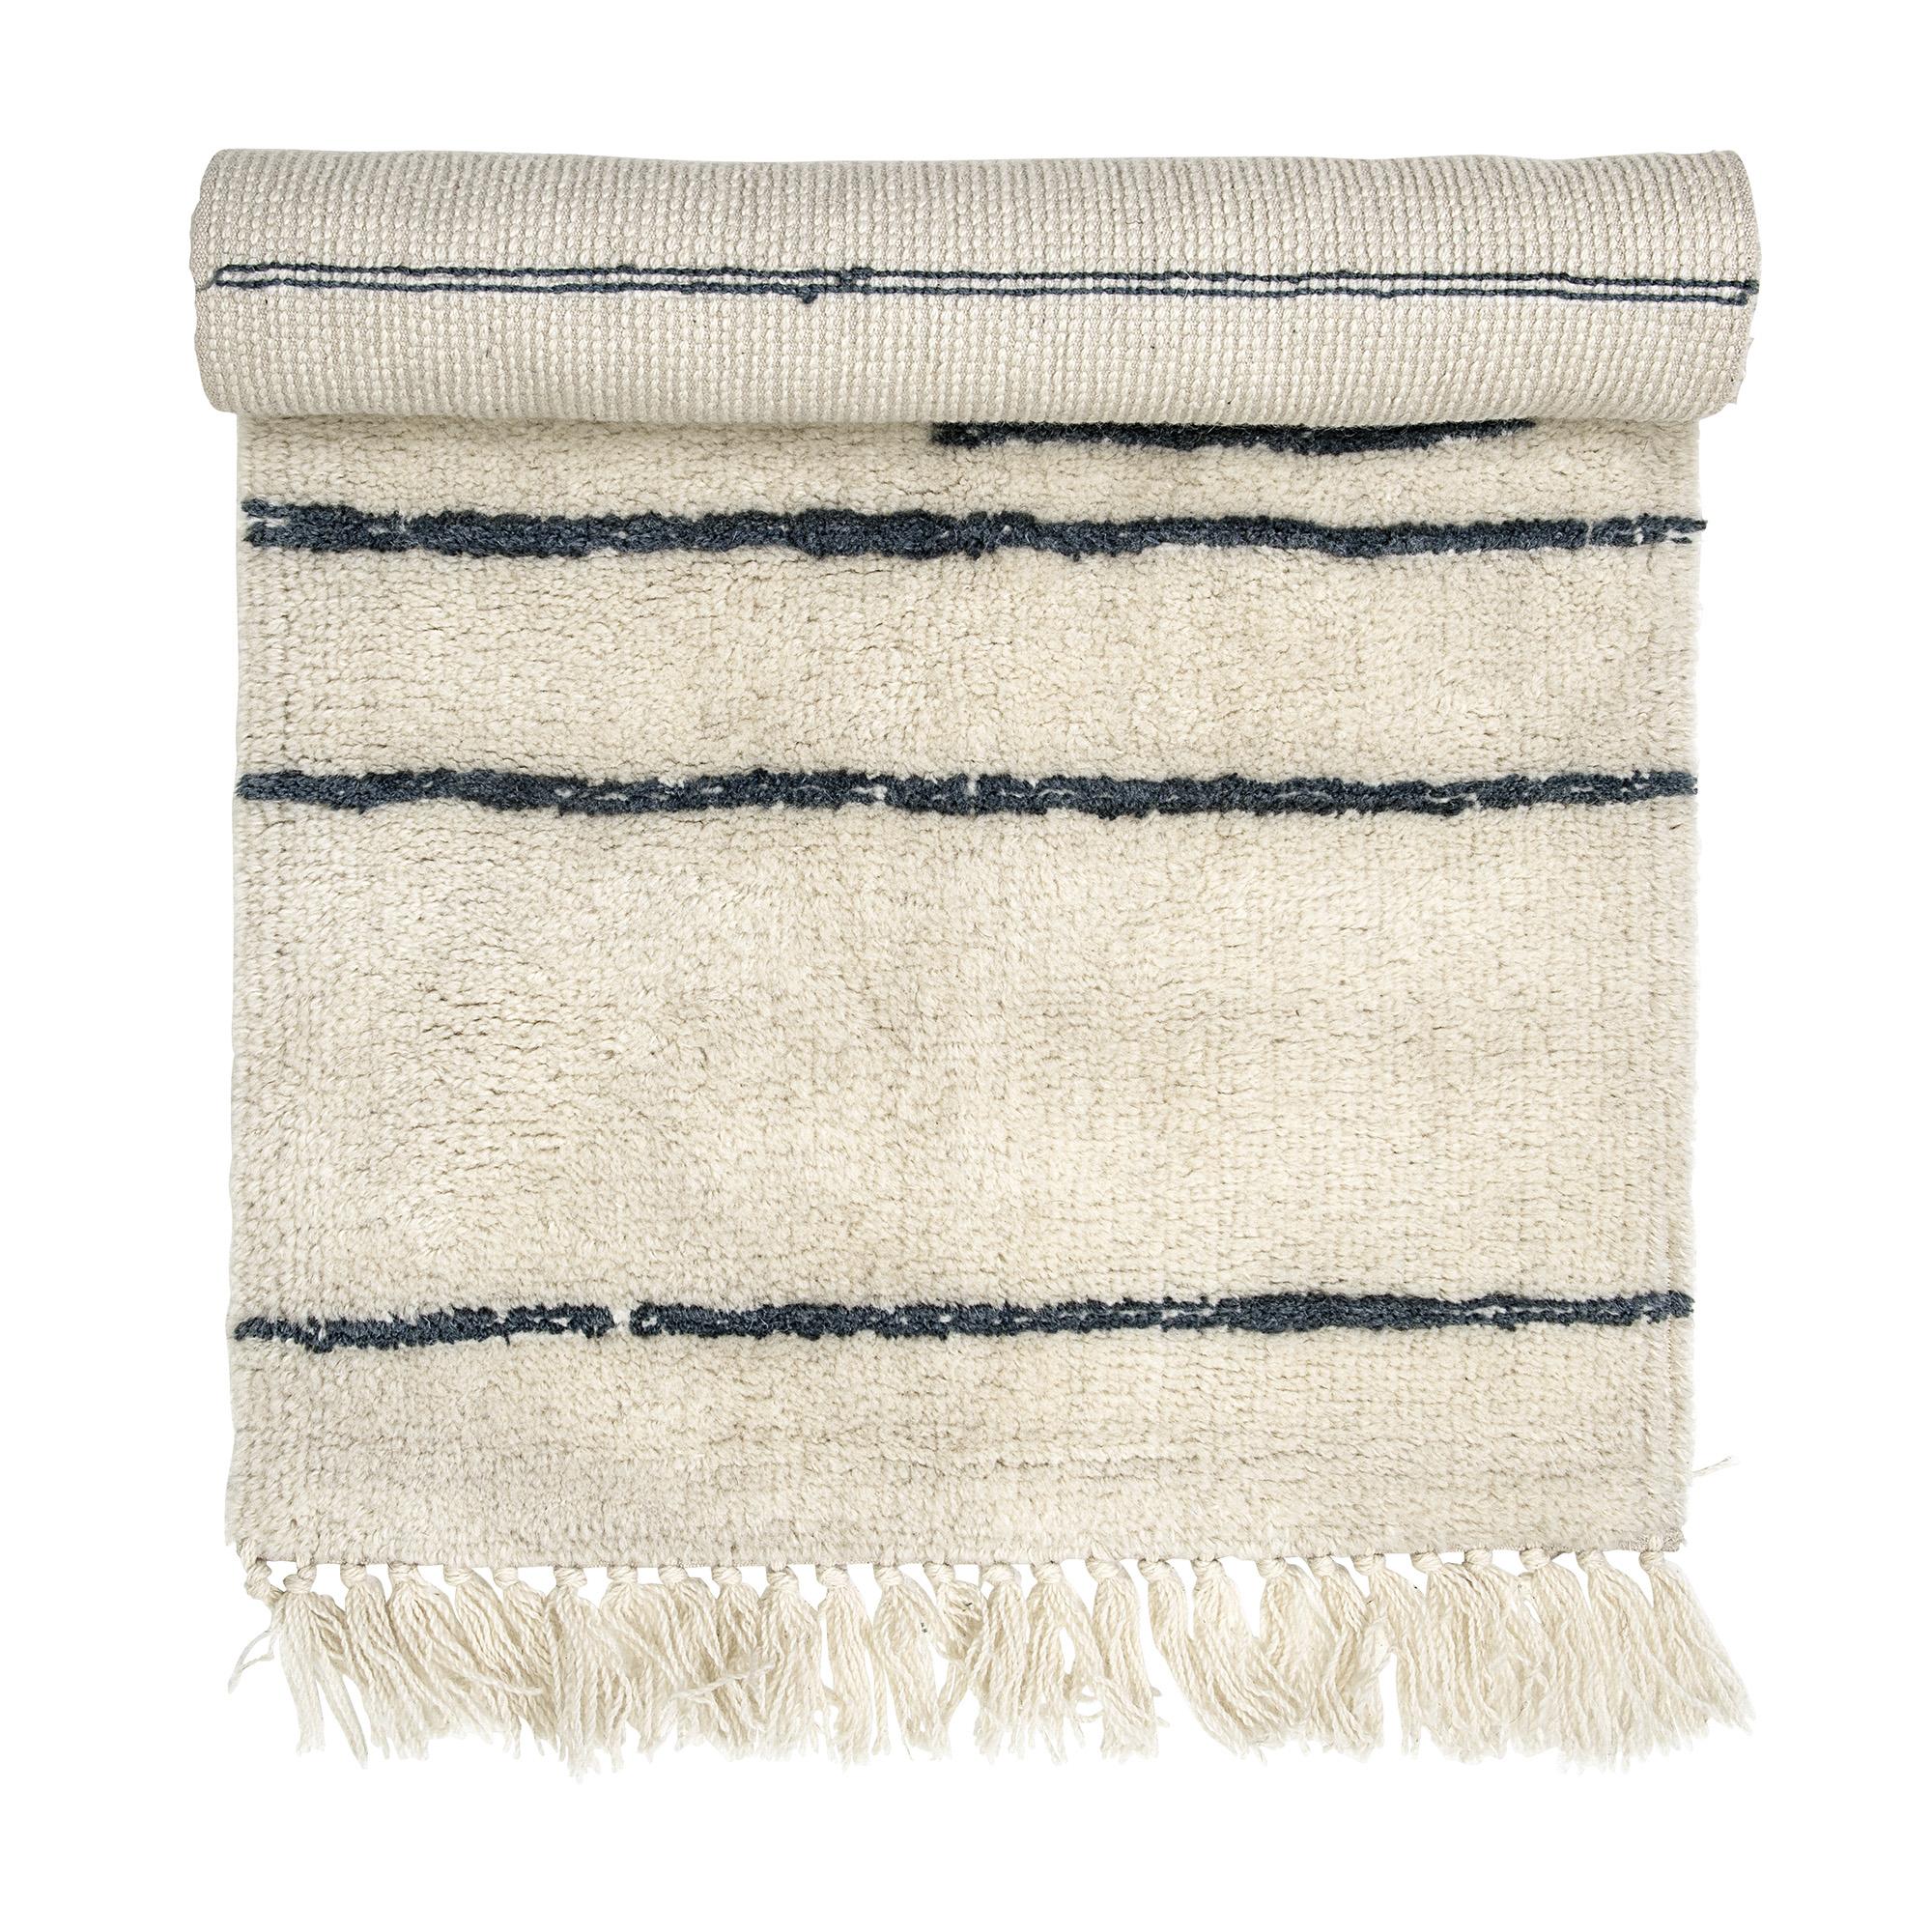 Купить со скидкой Ковер из натуральной шерсти 120х60